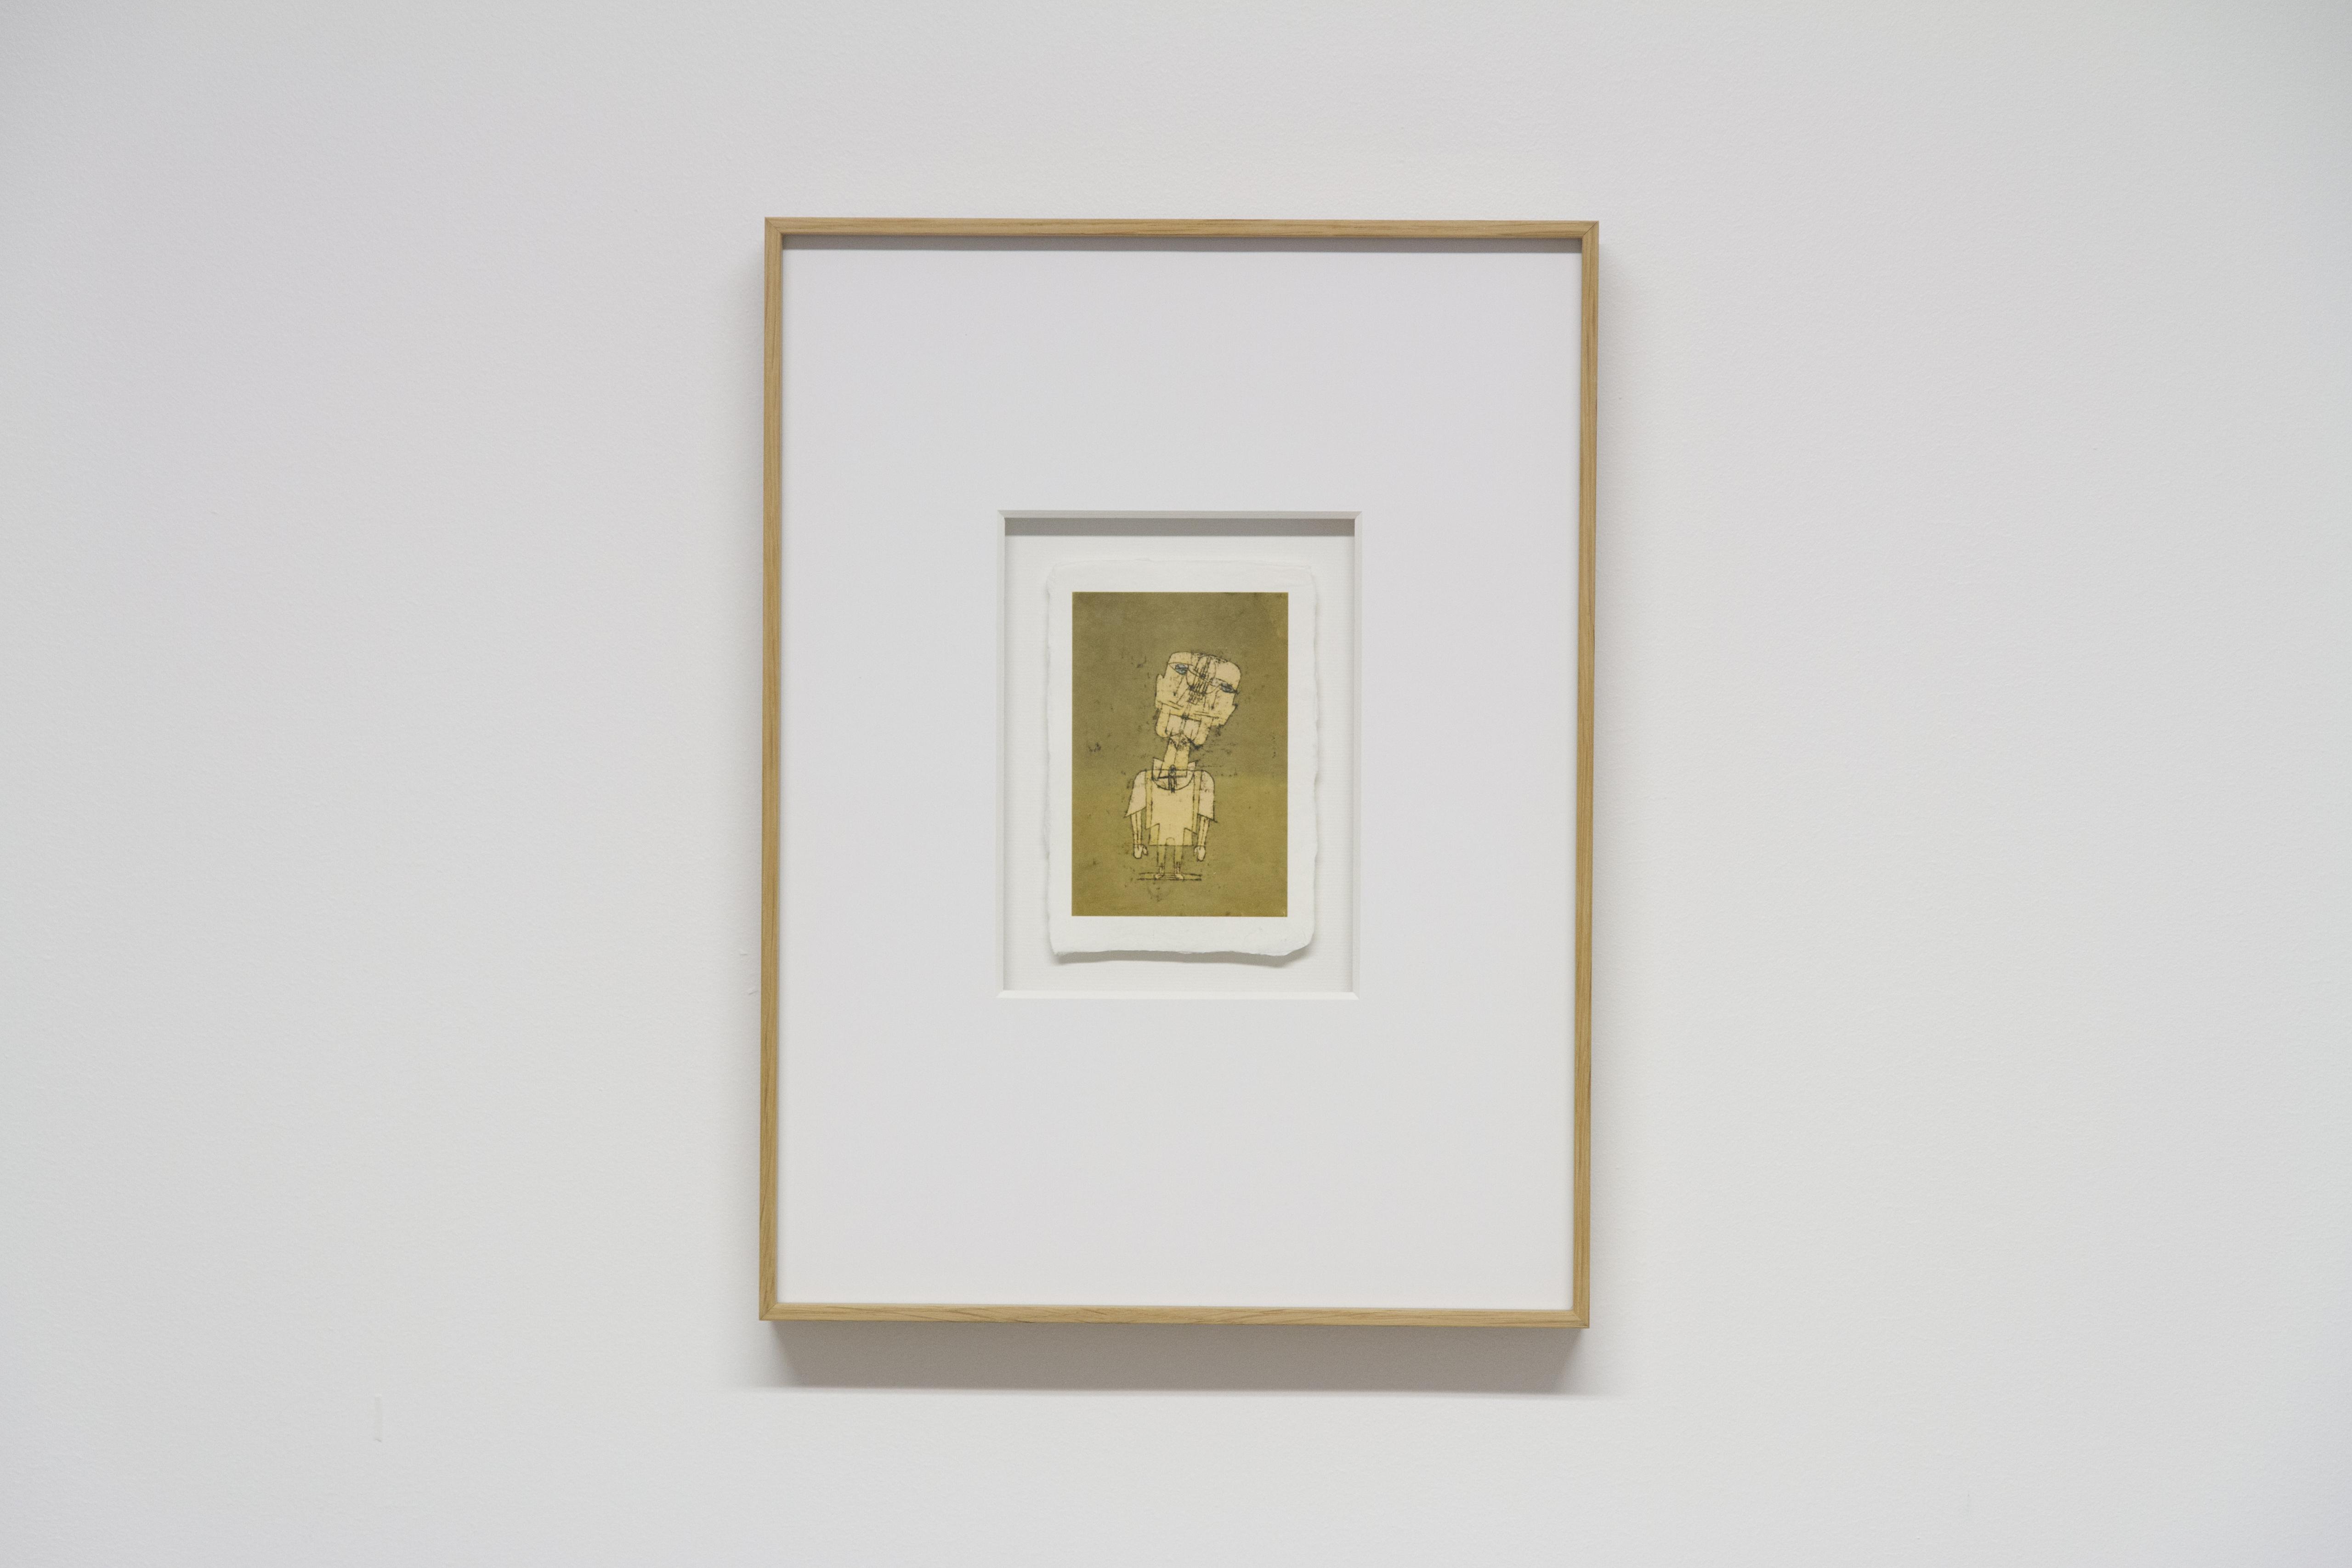 Gespenst eines Genies  (Fantôme d'un génie) - Paul Klee – 1922